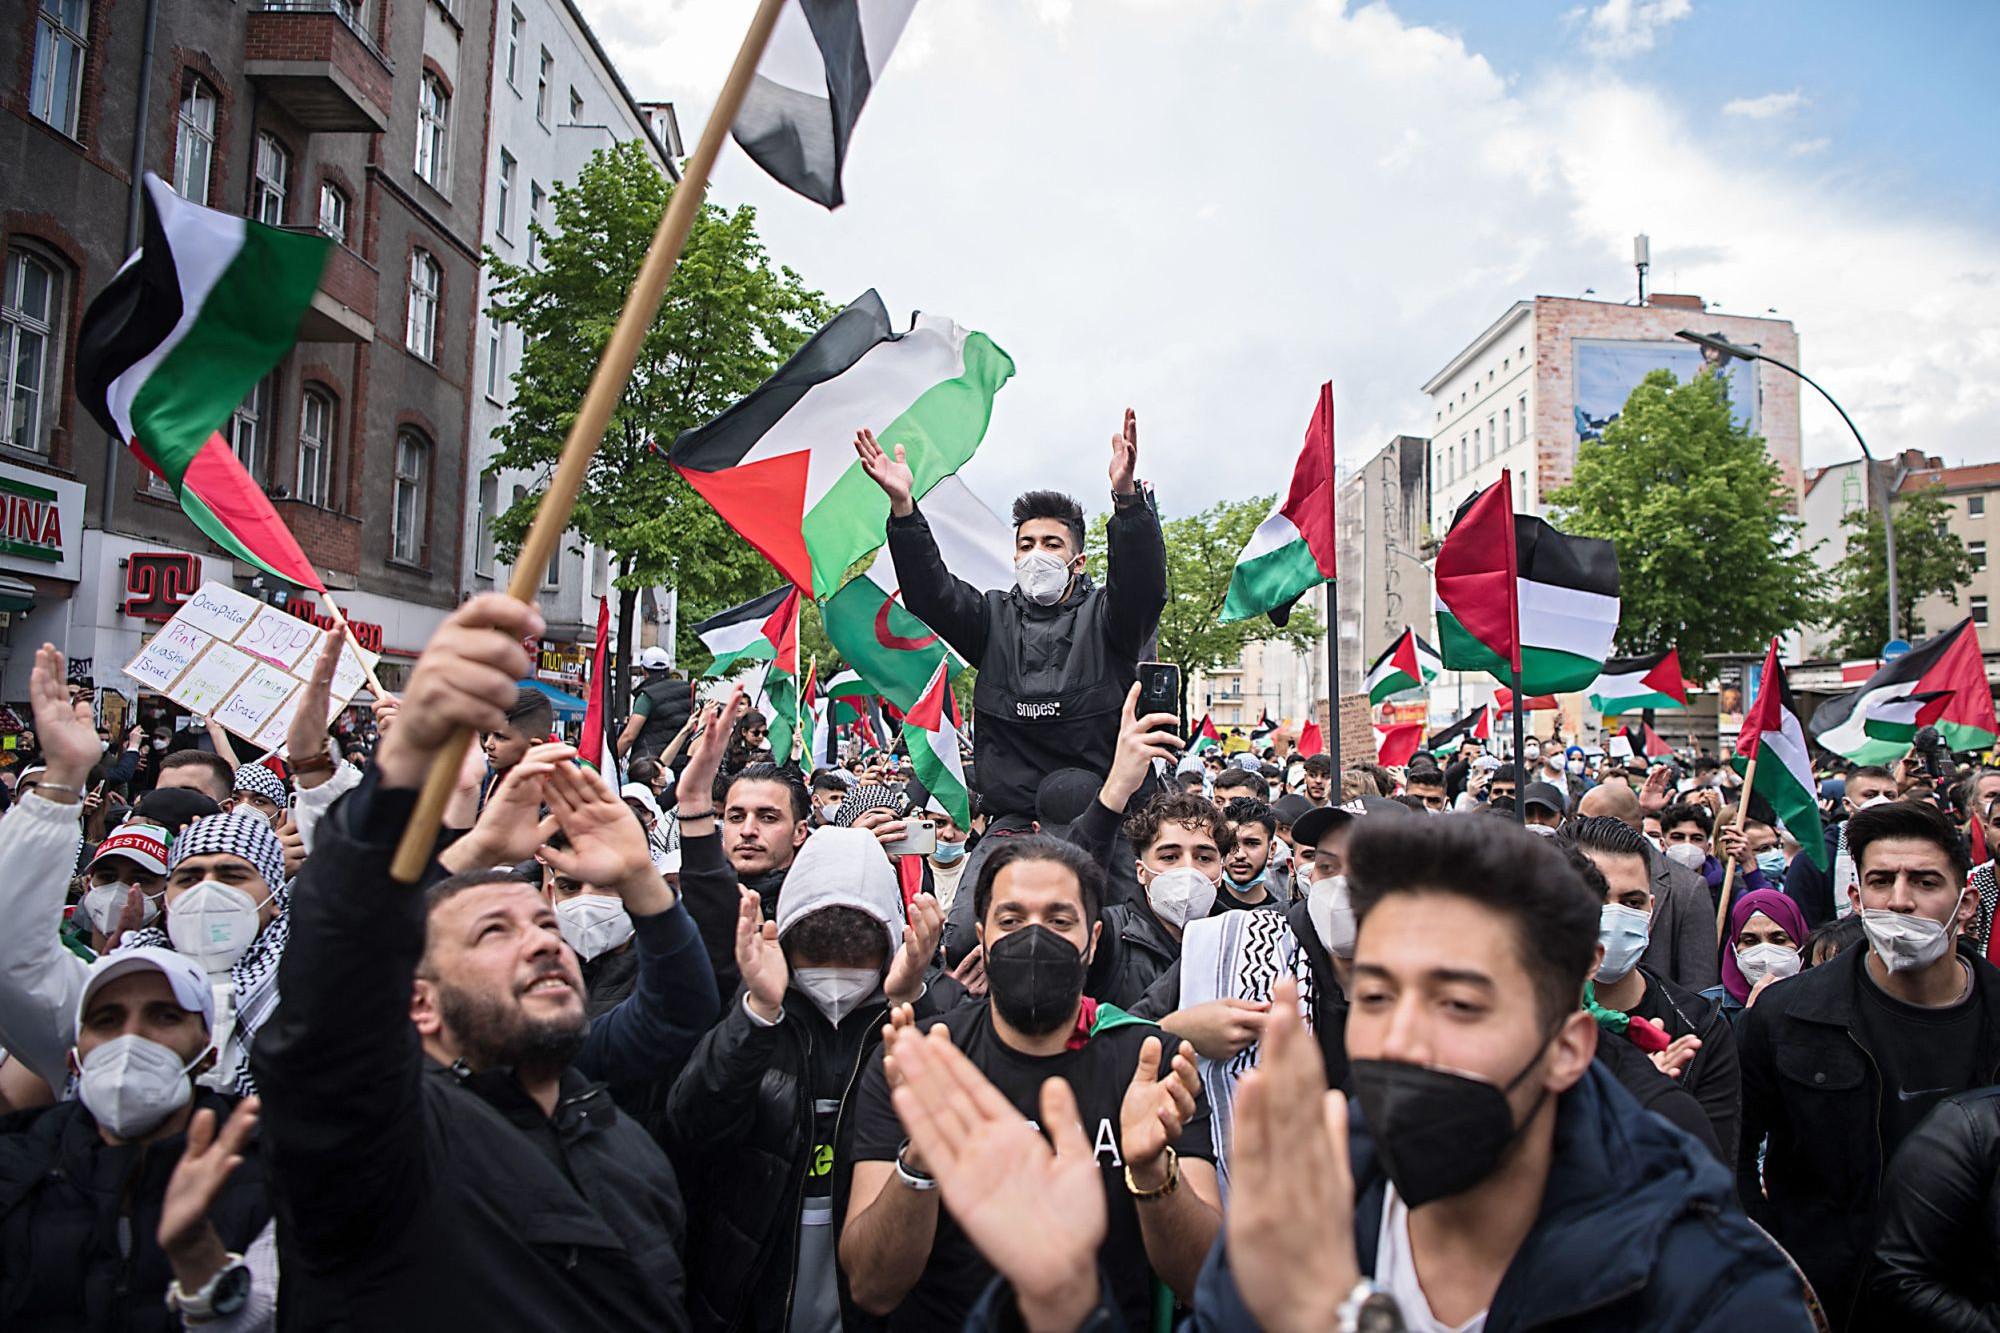 Tudatos történelemhamisítás a Nyugat antiszemitizmusa